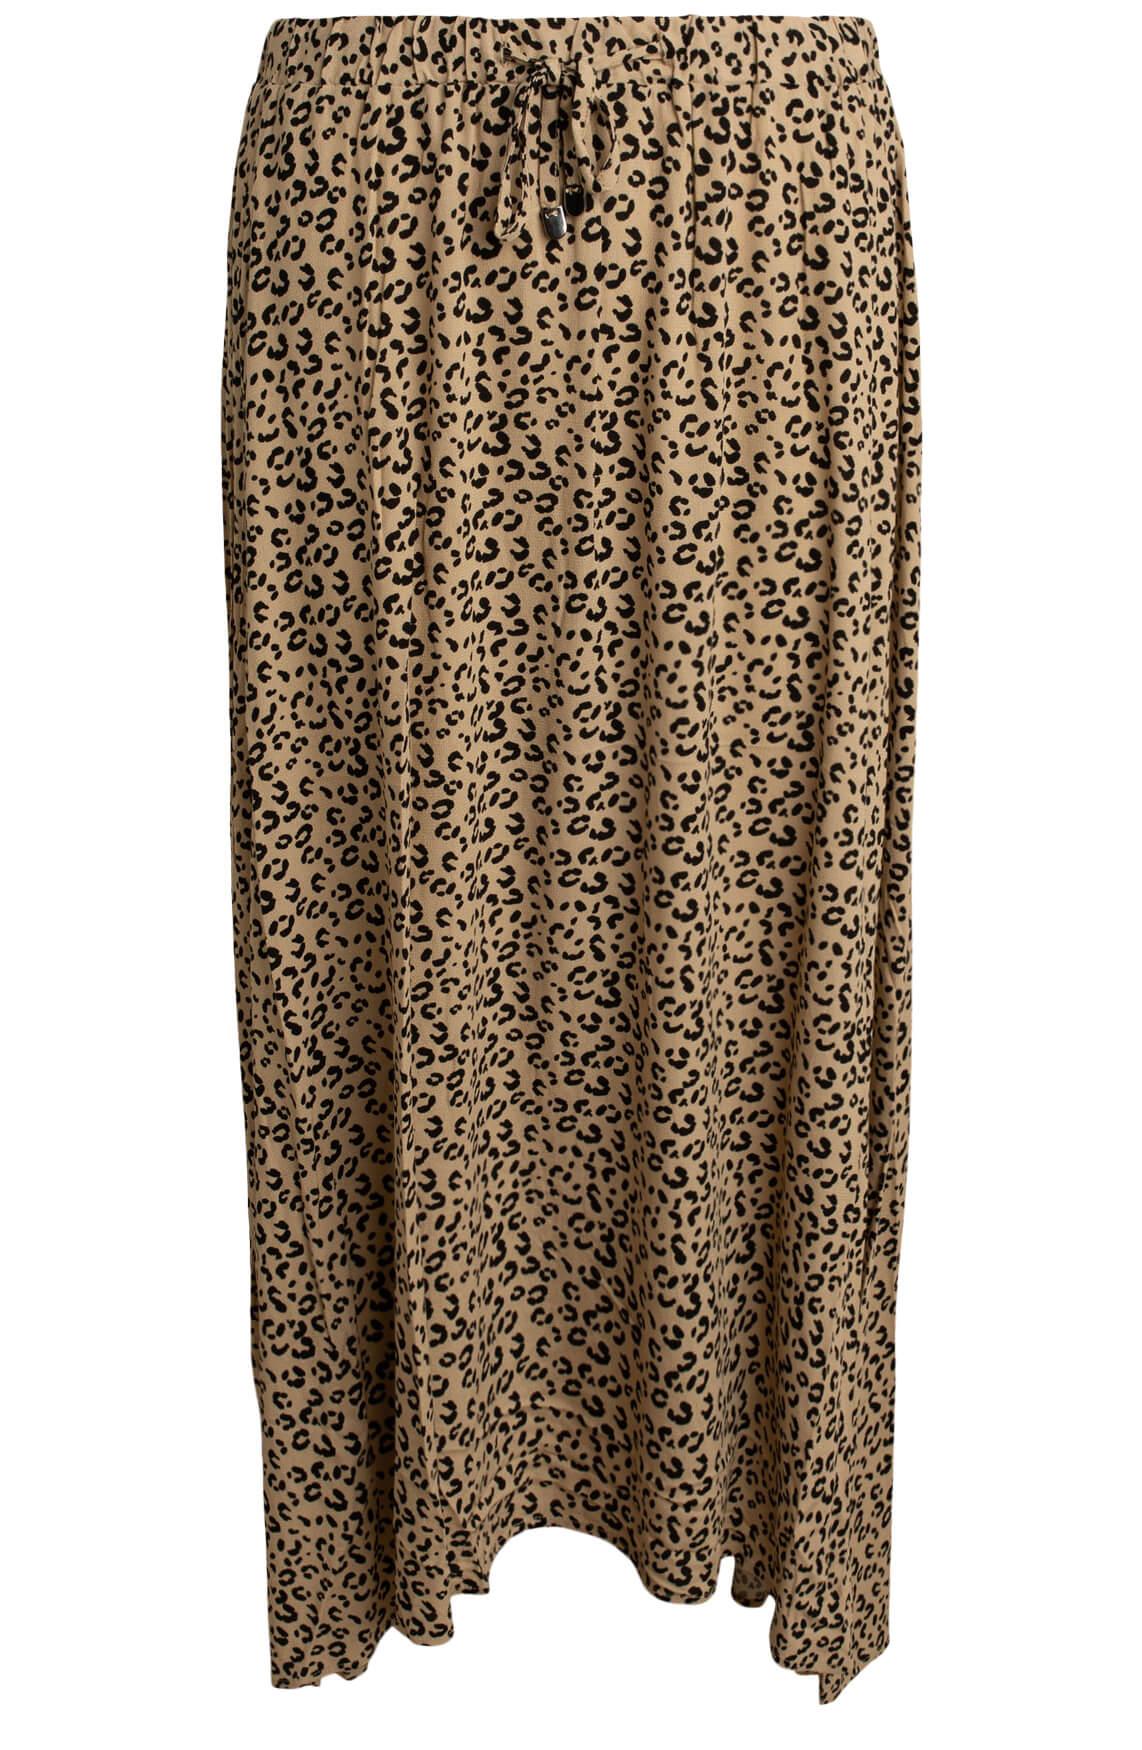 Anna Dames Leopard rok Bruin